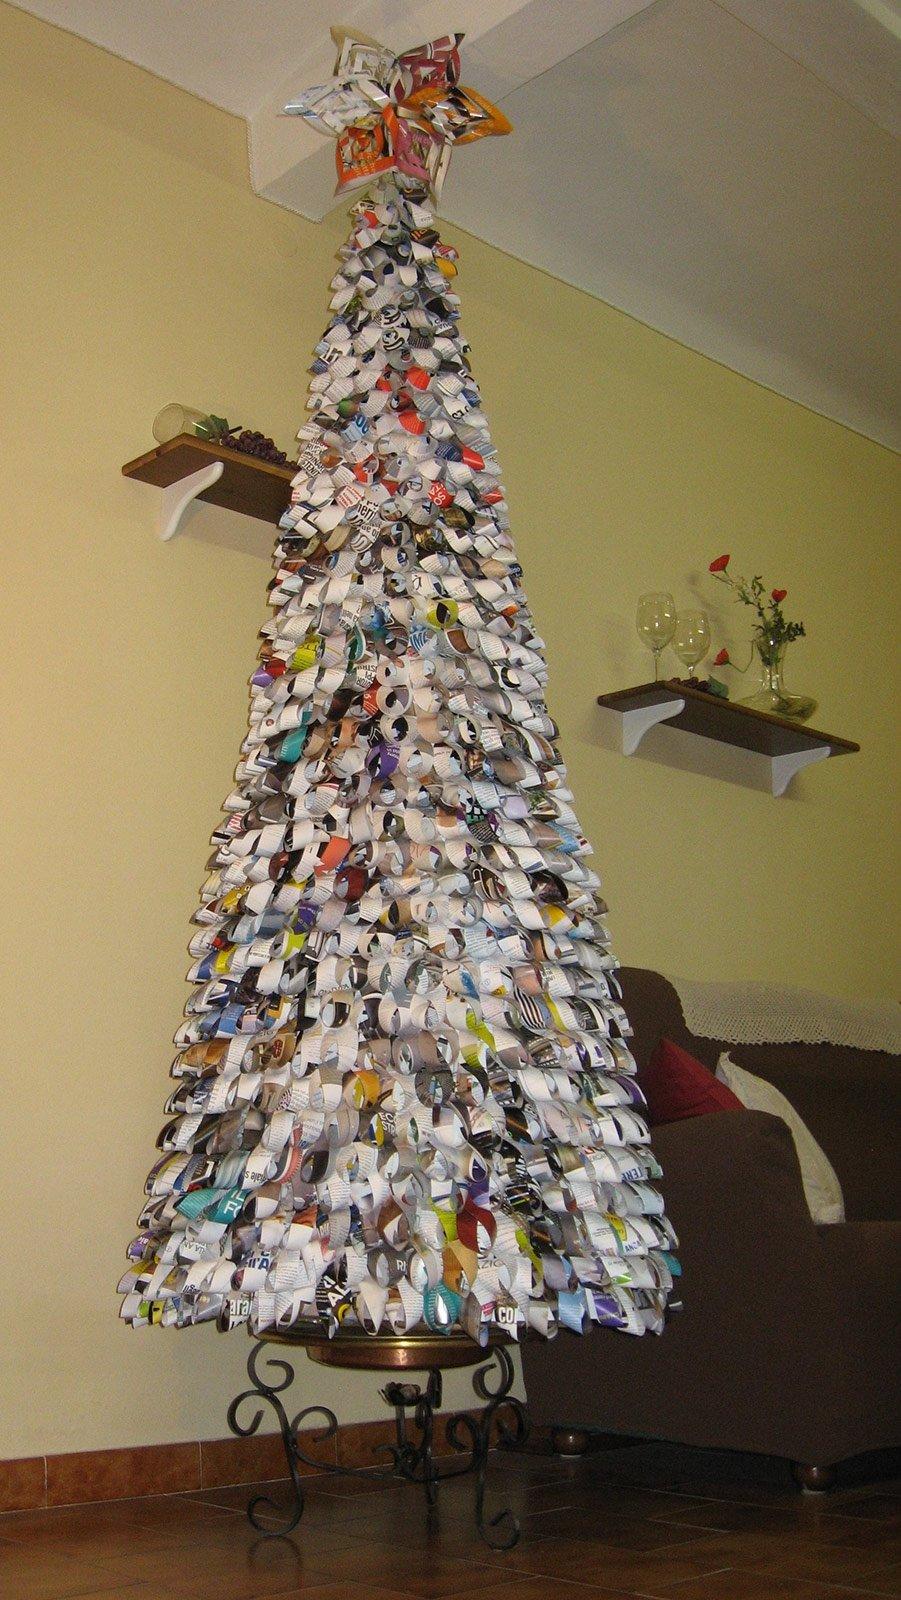 Decorazioni Natalizie Low Cost alberi di natale low cost: in carta riciclata e in legno di